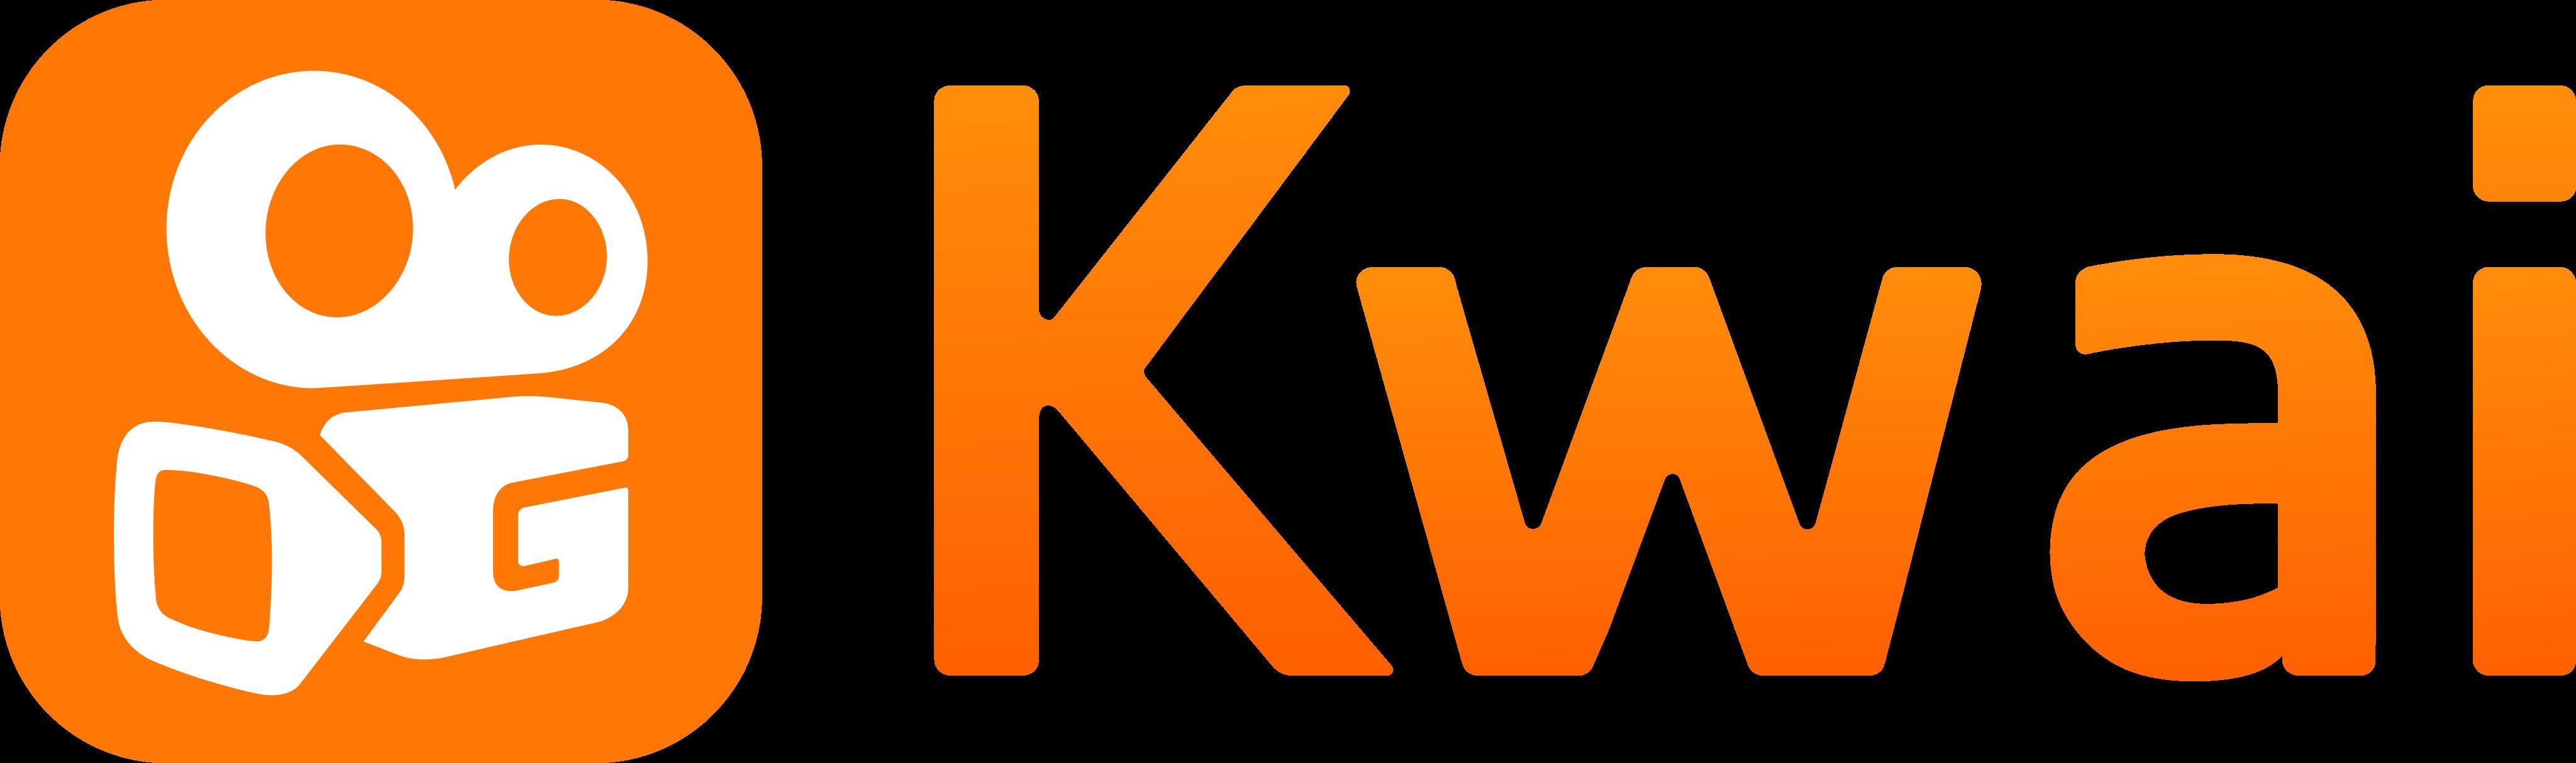 kwai logo 2 - Kwai Logo